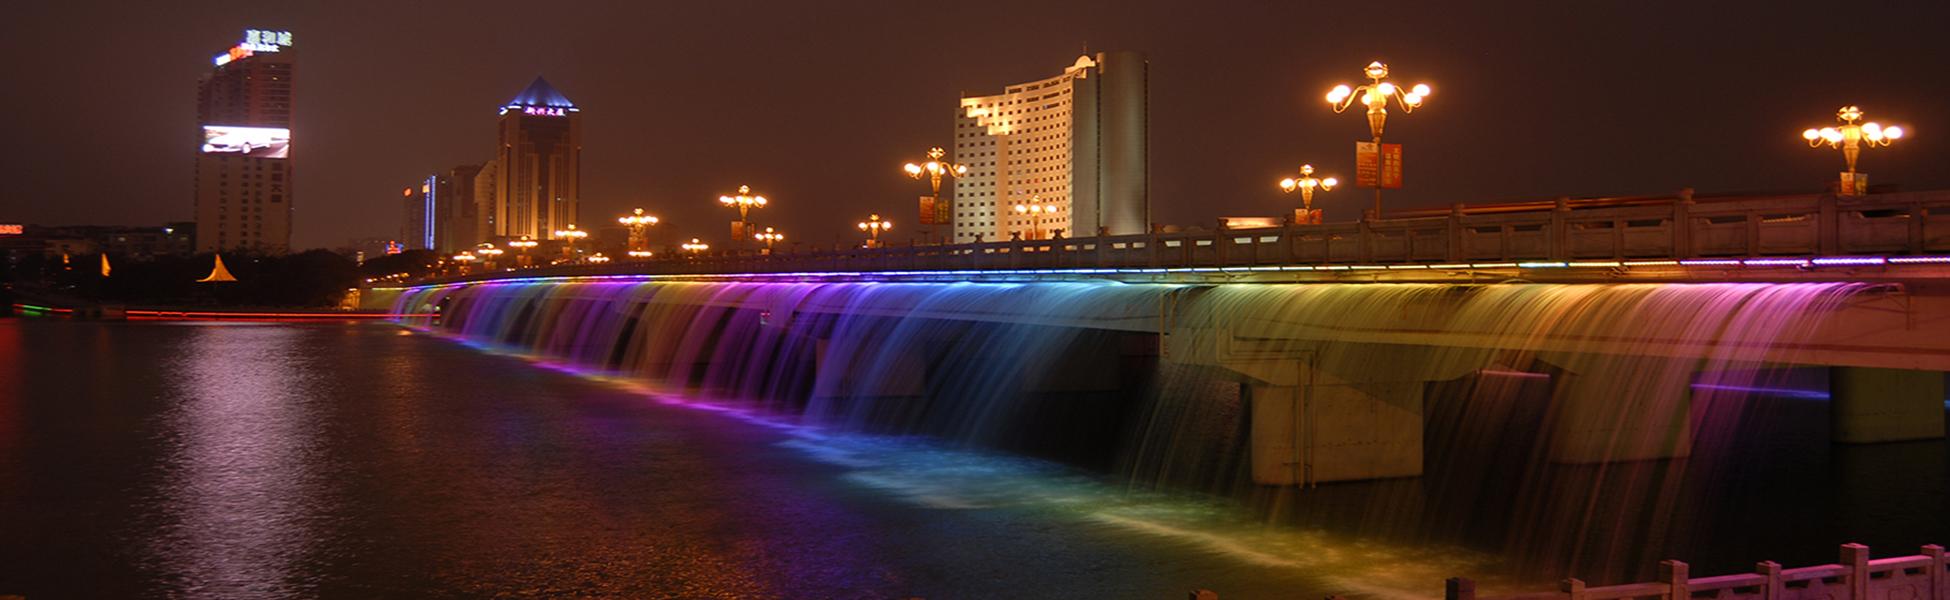 广西南宁南湖桥